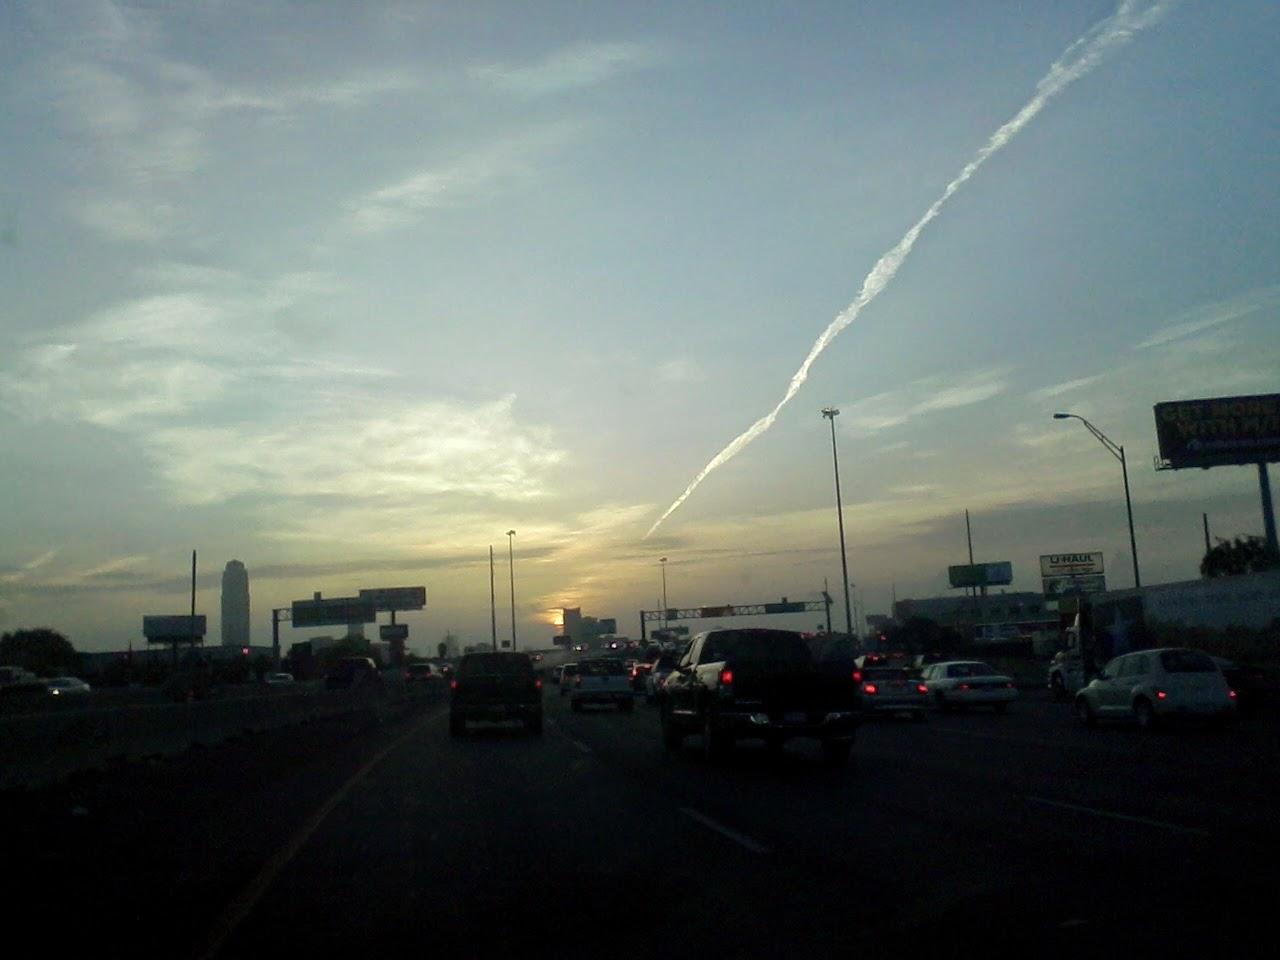 Sky - 0821070402.jpg